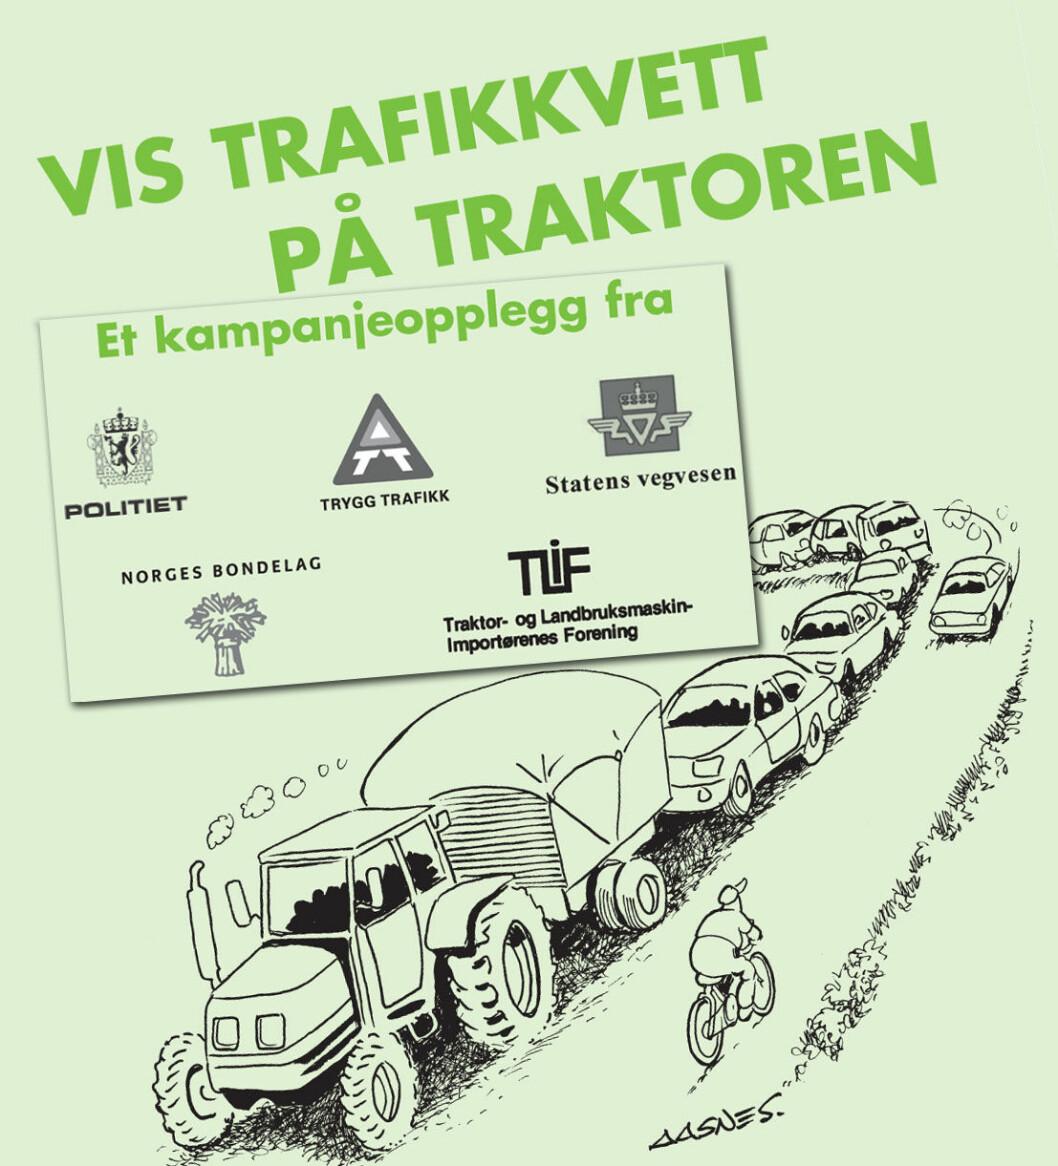 trafikkvettbrosjyre 08